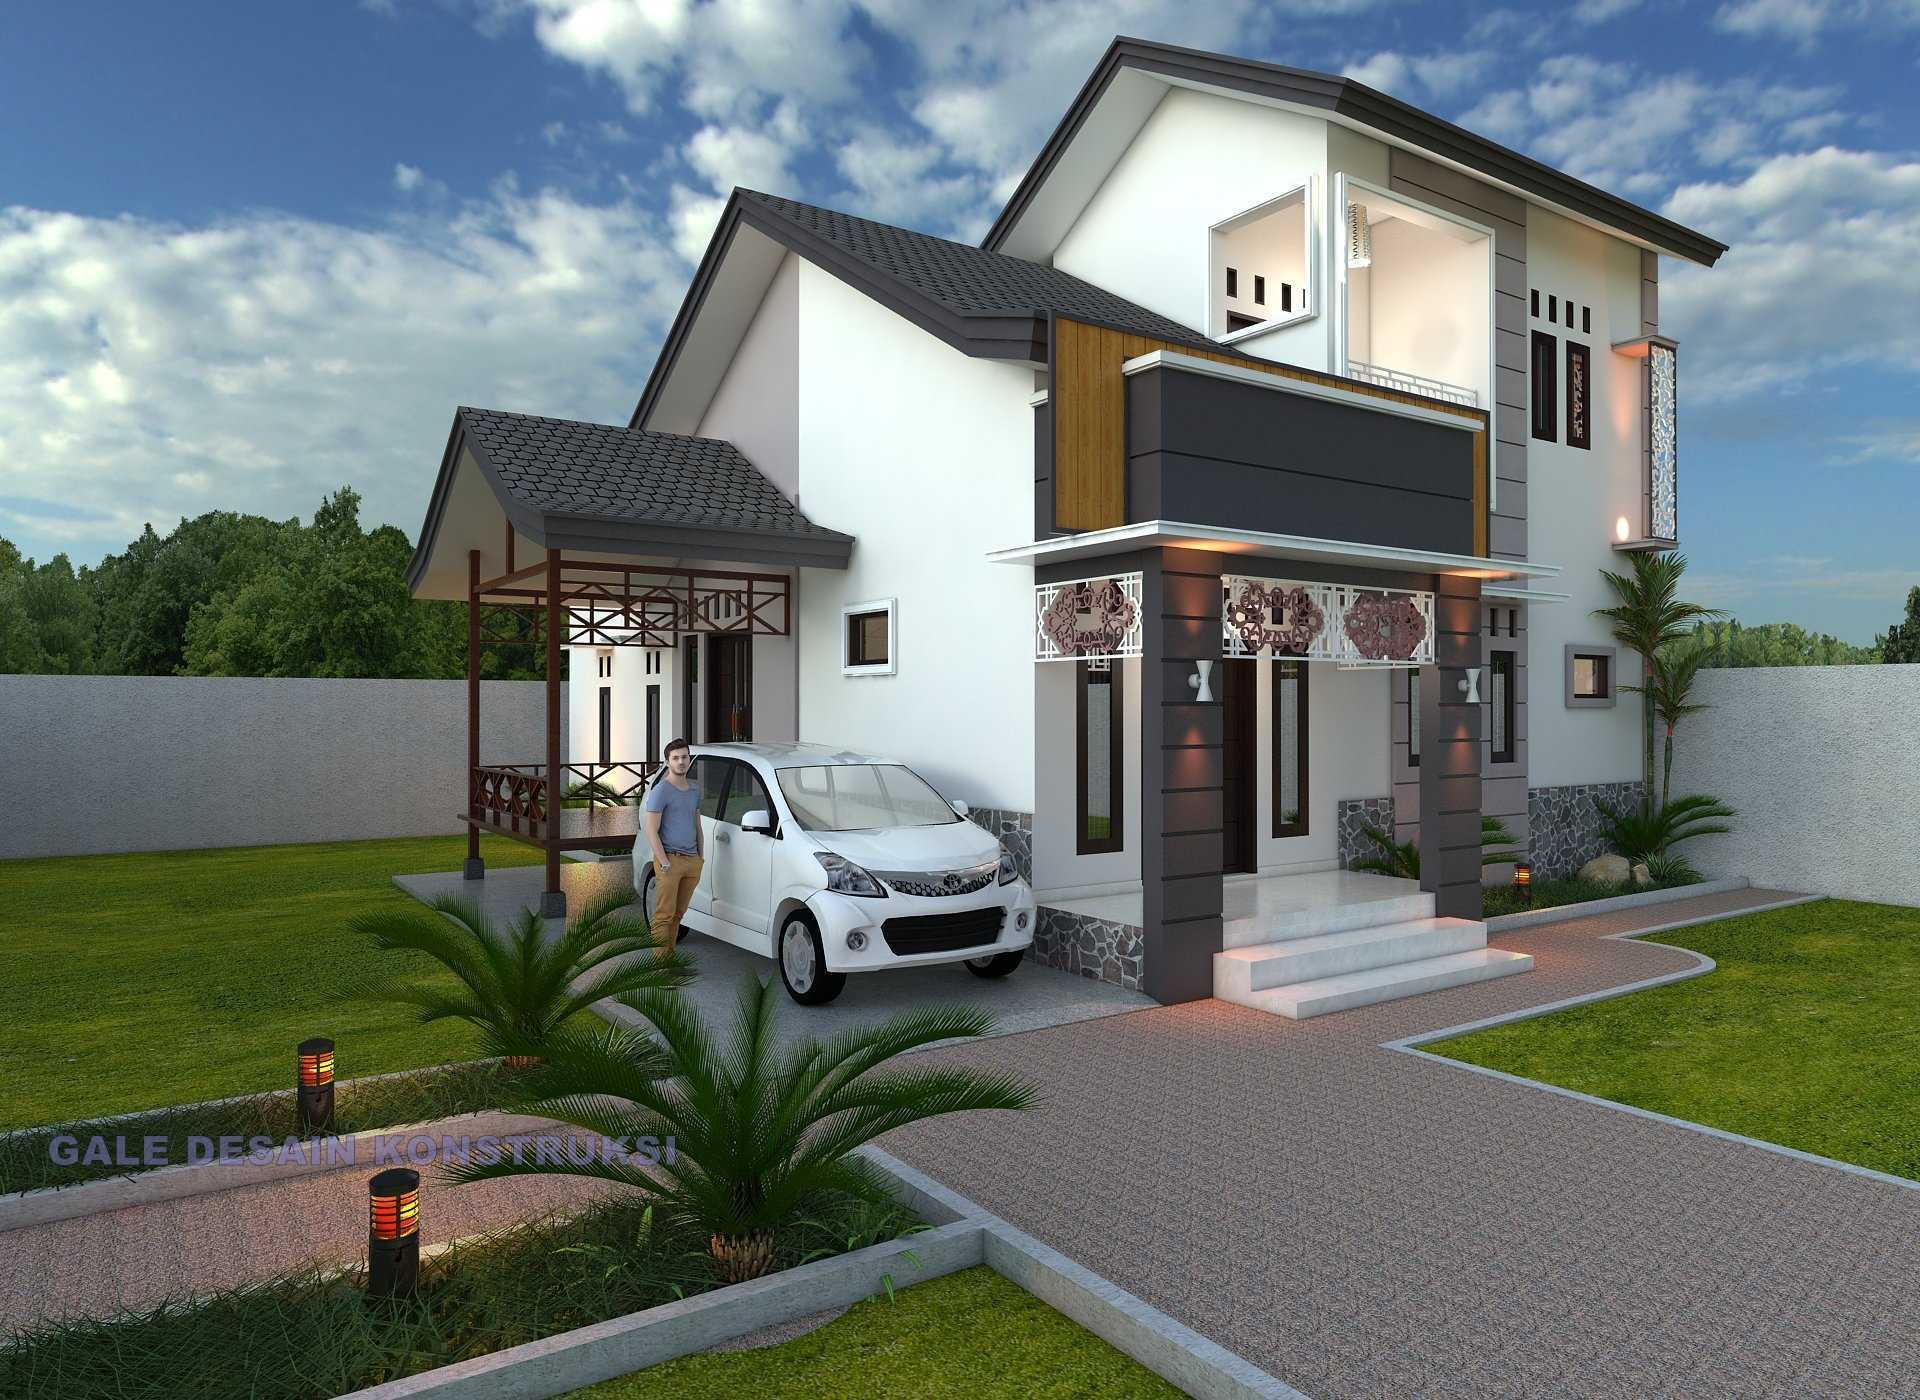 Gale Desain Konstruksi di Sumbawa Barat